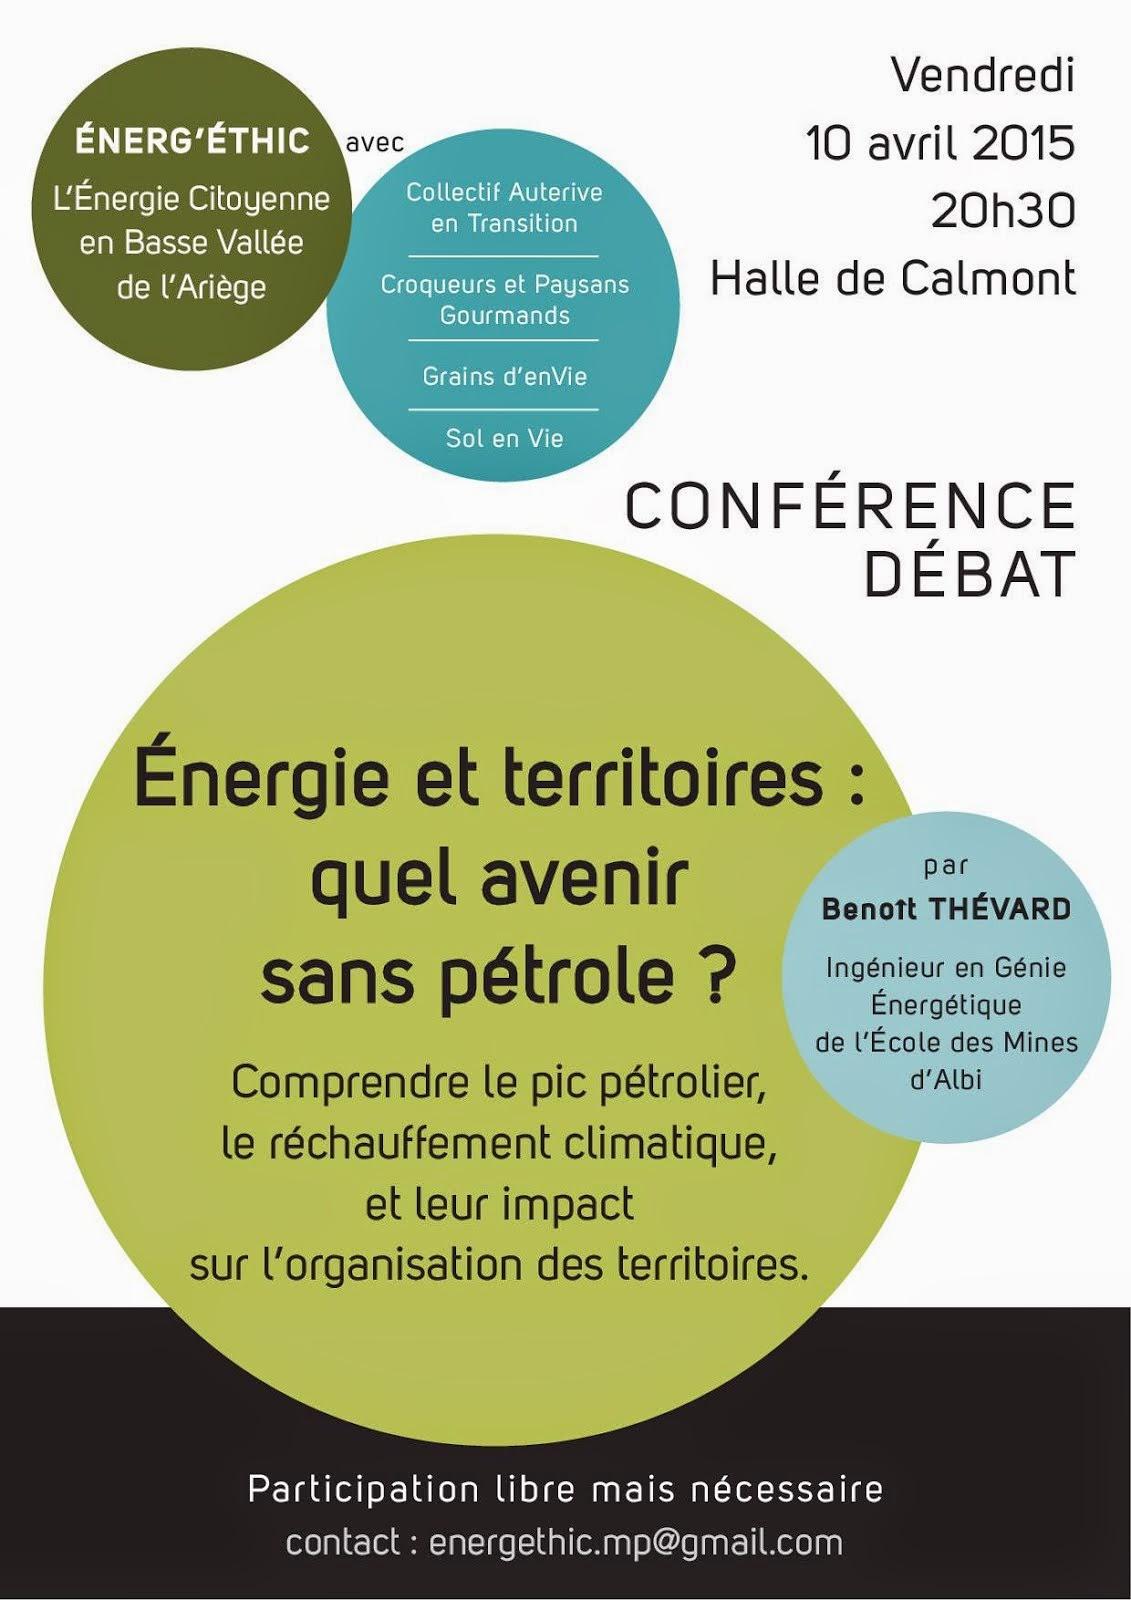 Actualité ENERG'ETHIC